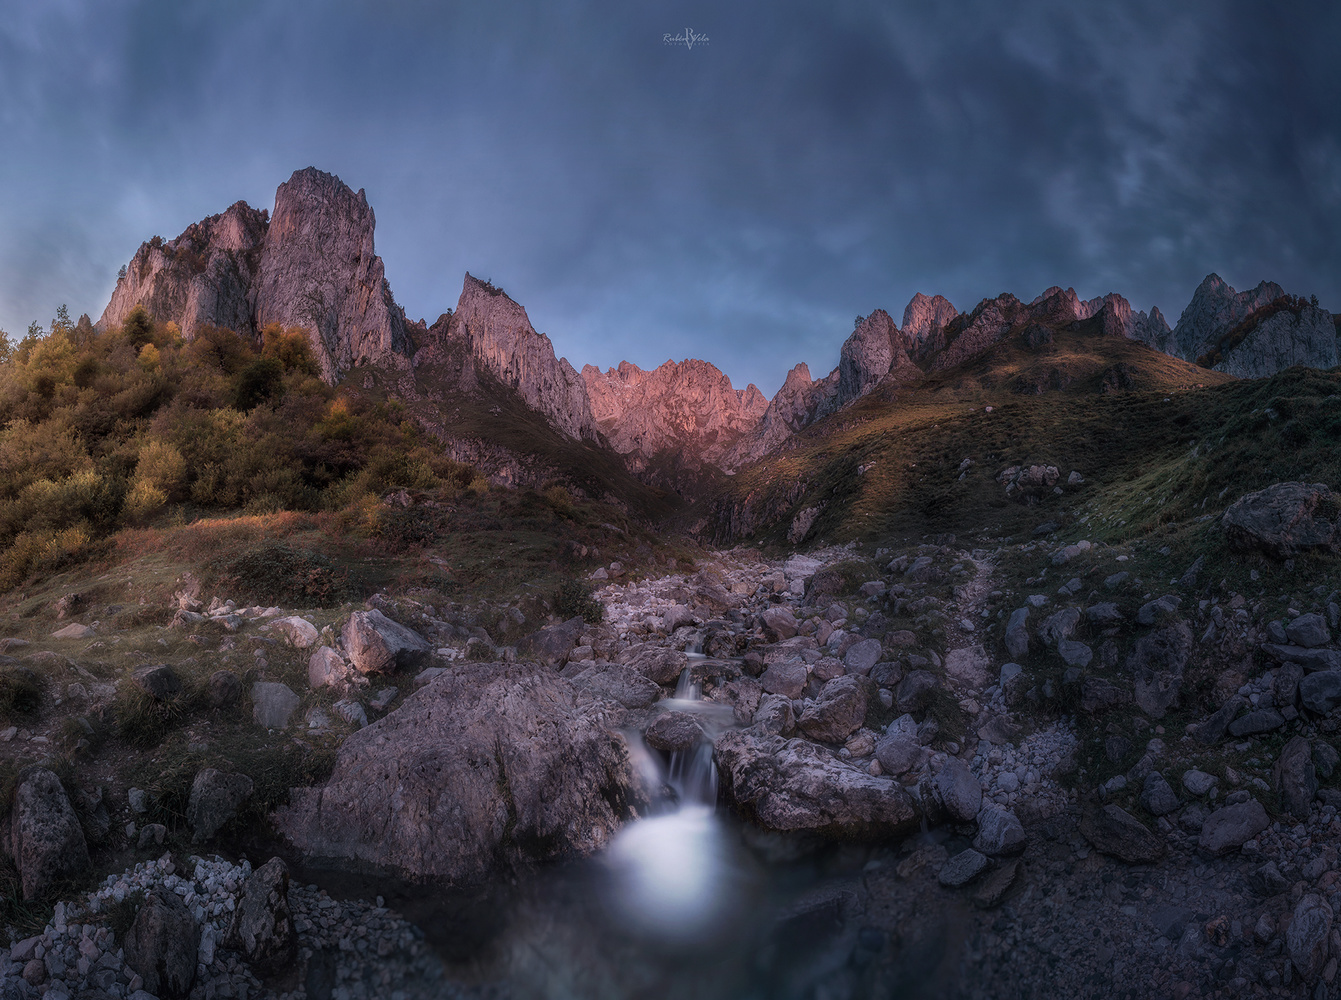 Sunrise in paradise. by Rubén Vela Martín